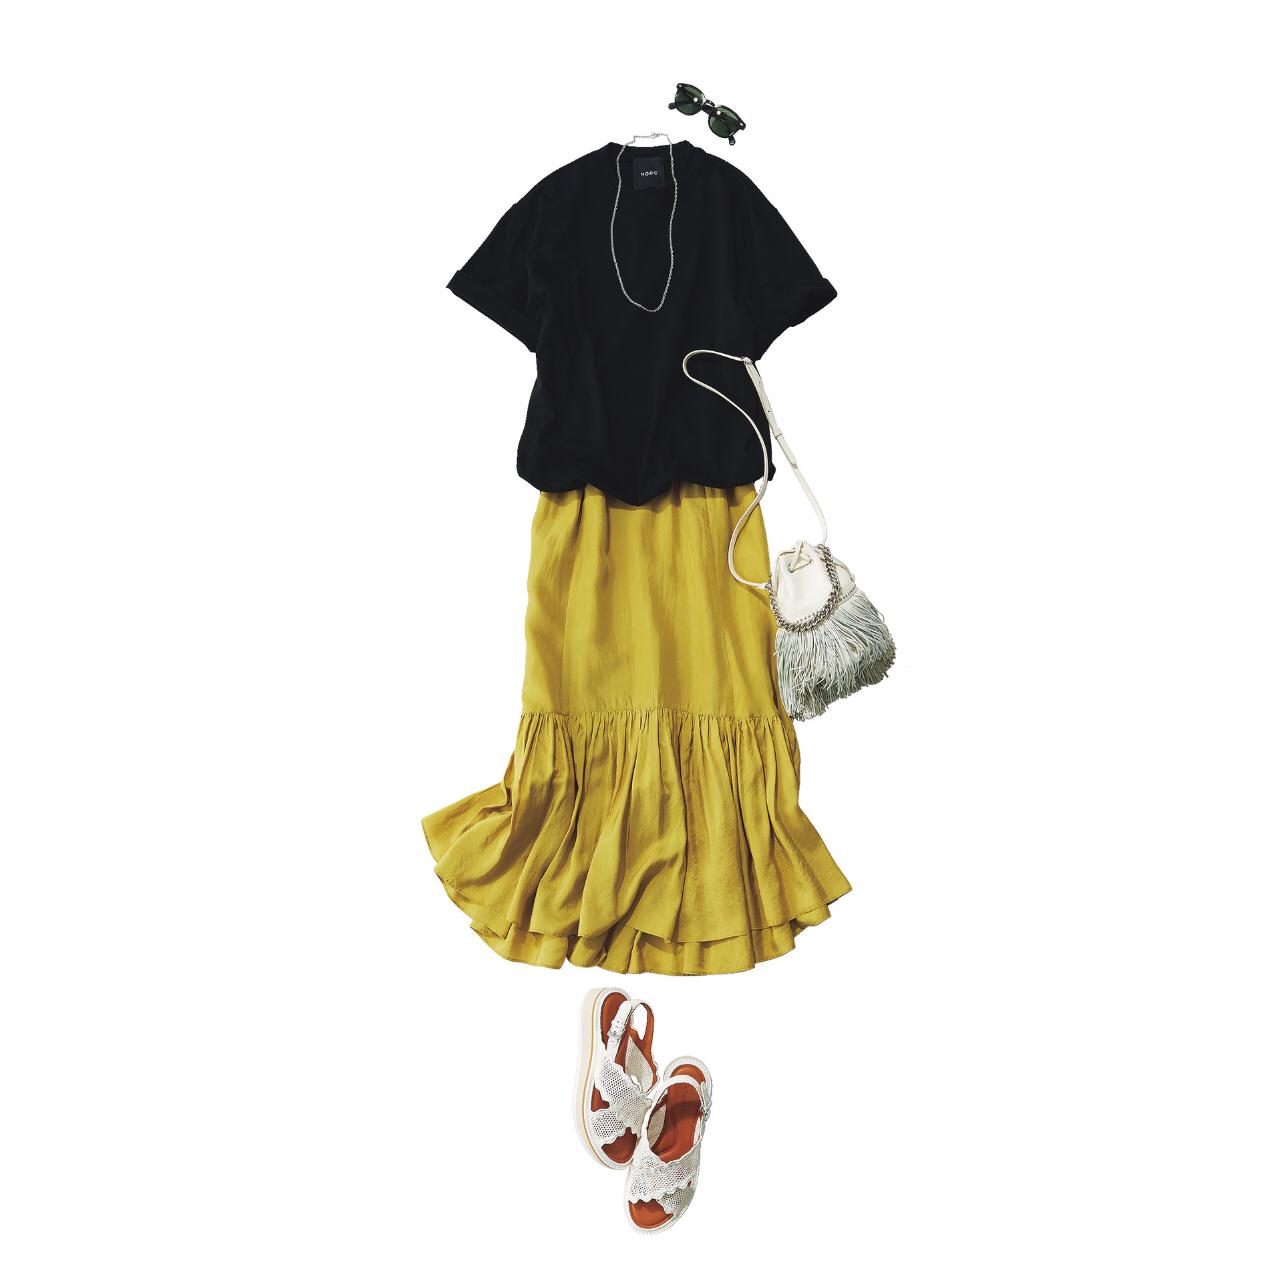 【真夏こそ映える黒コーデ】重たく見えず、シックに決まるアラフォーの黒コーデまとめ|40代ファッション_1_12